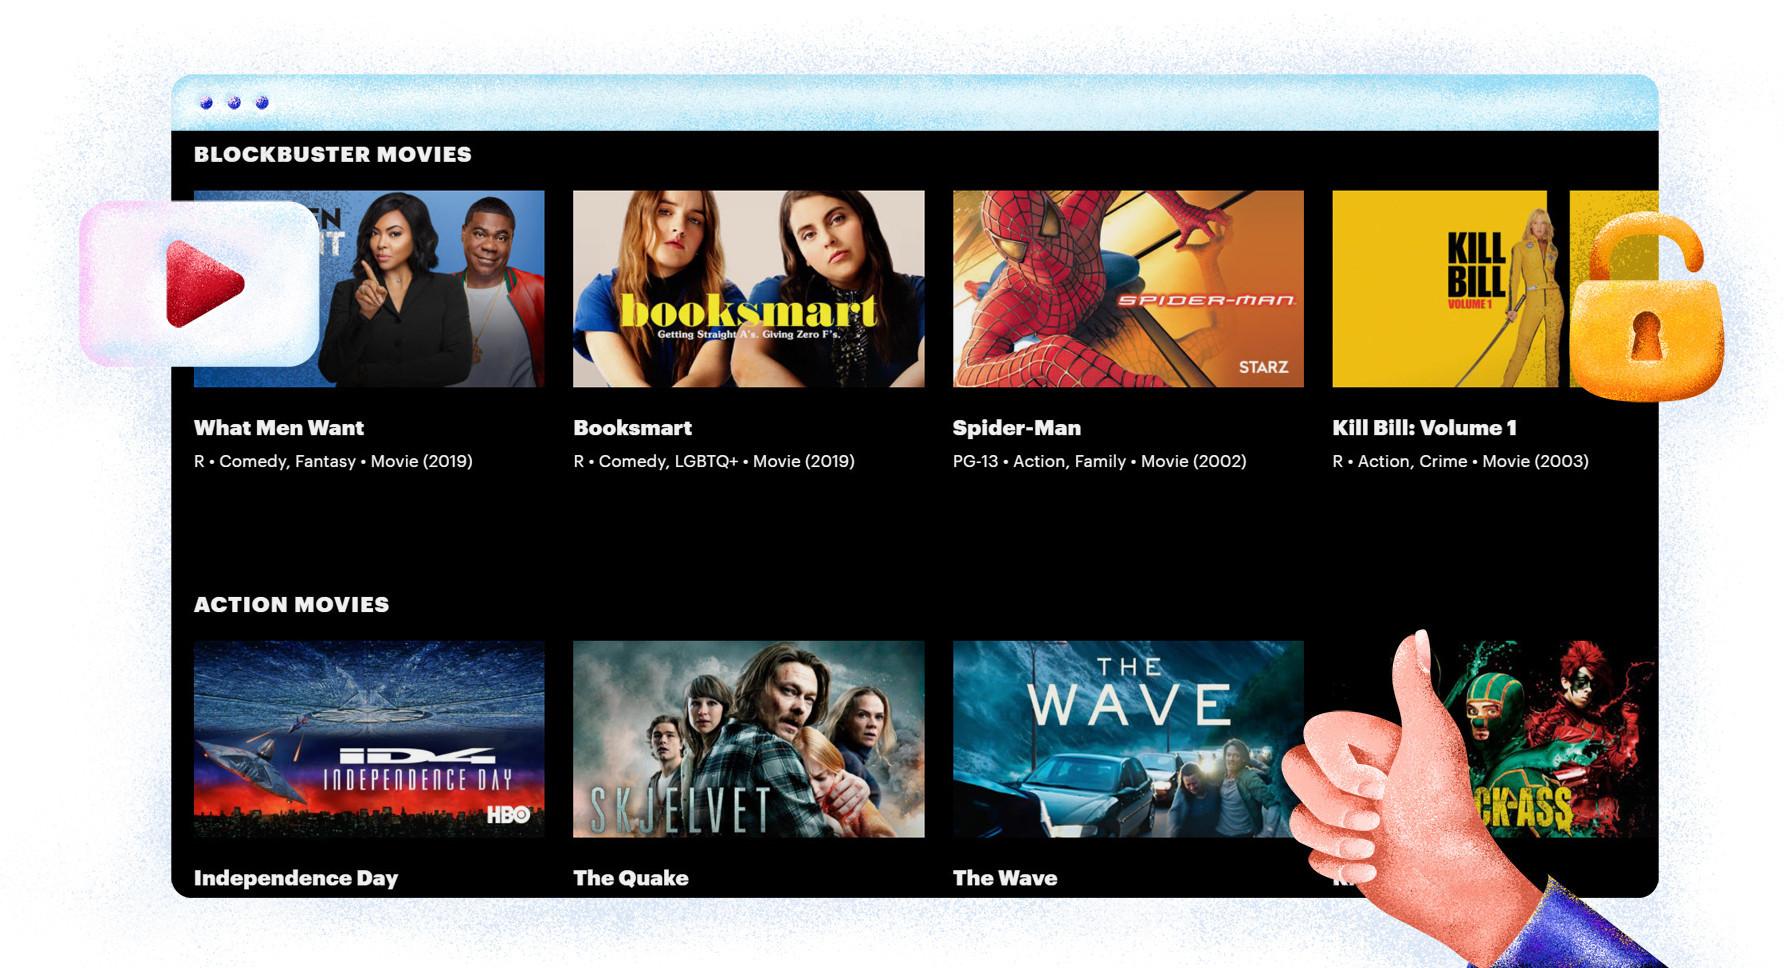 Filmy dostępne na Hulu